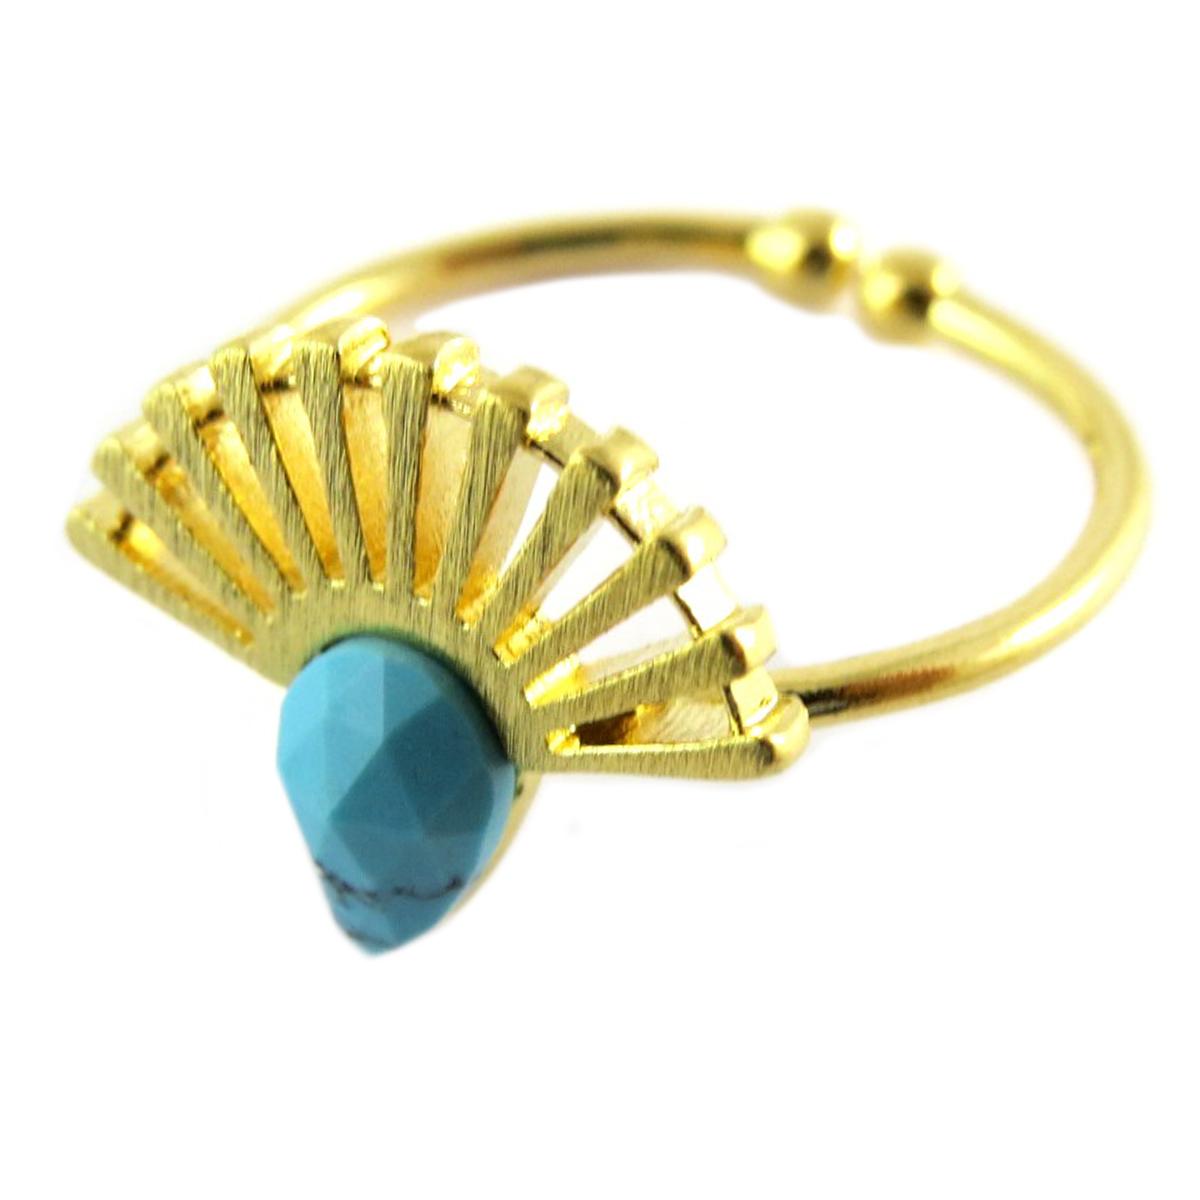 Bague artisanale \'Boho\' turquoise doré (éventail)- 14x11 mm - [Q1473]